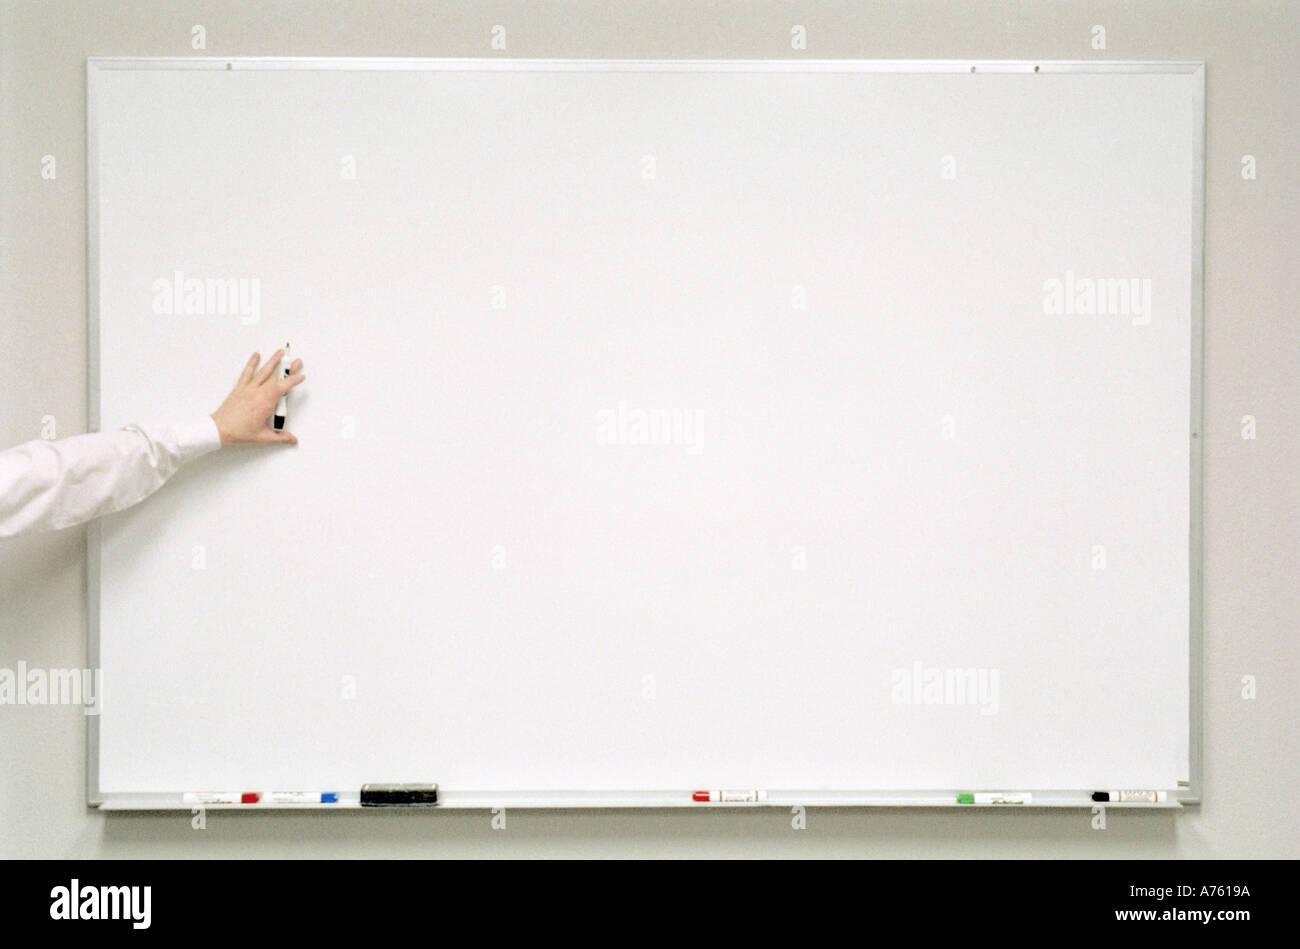 Portrait tableau blanc tout en donnant la présentation Photo Stock